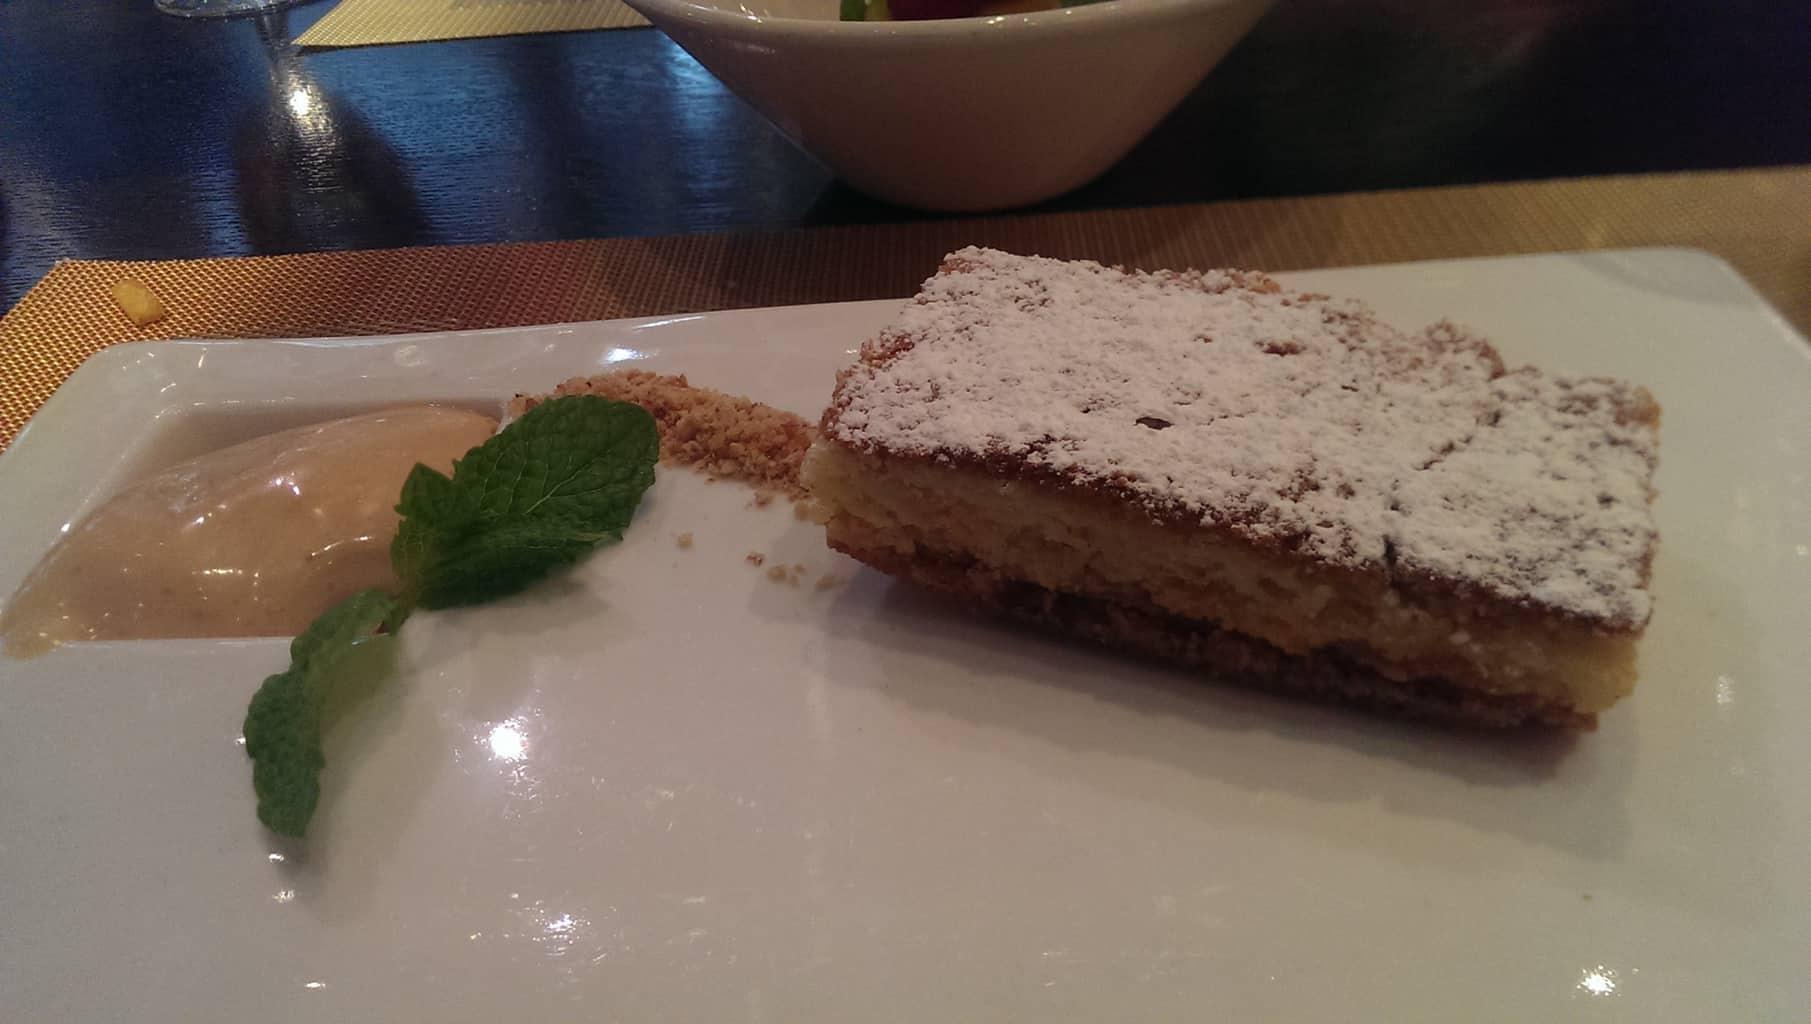 Santiago's cake